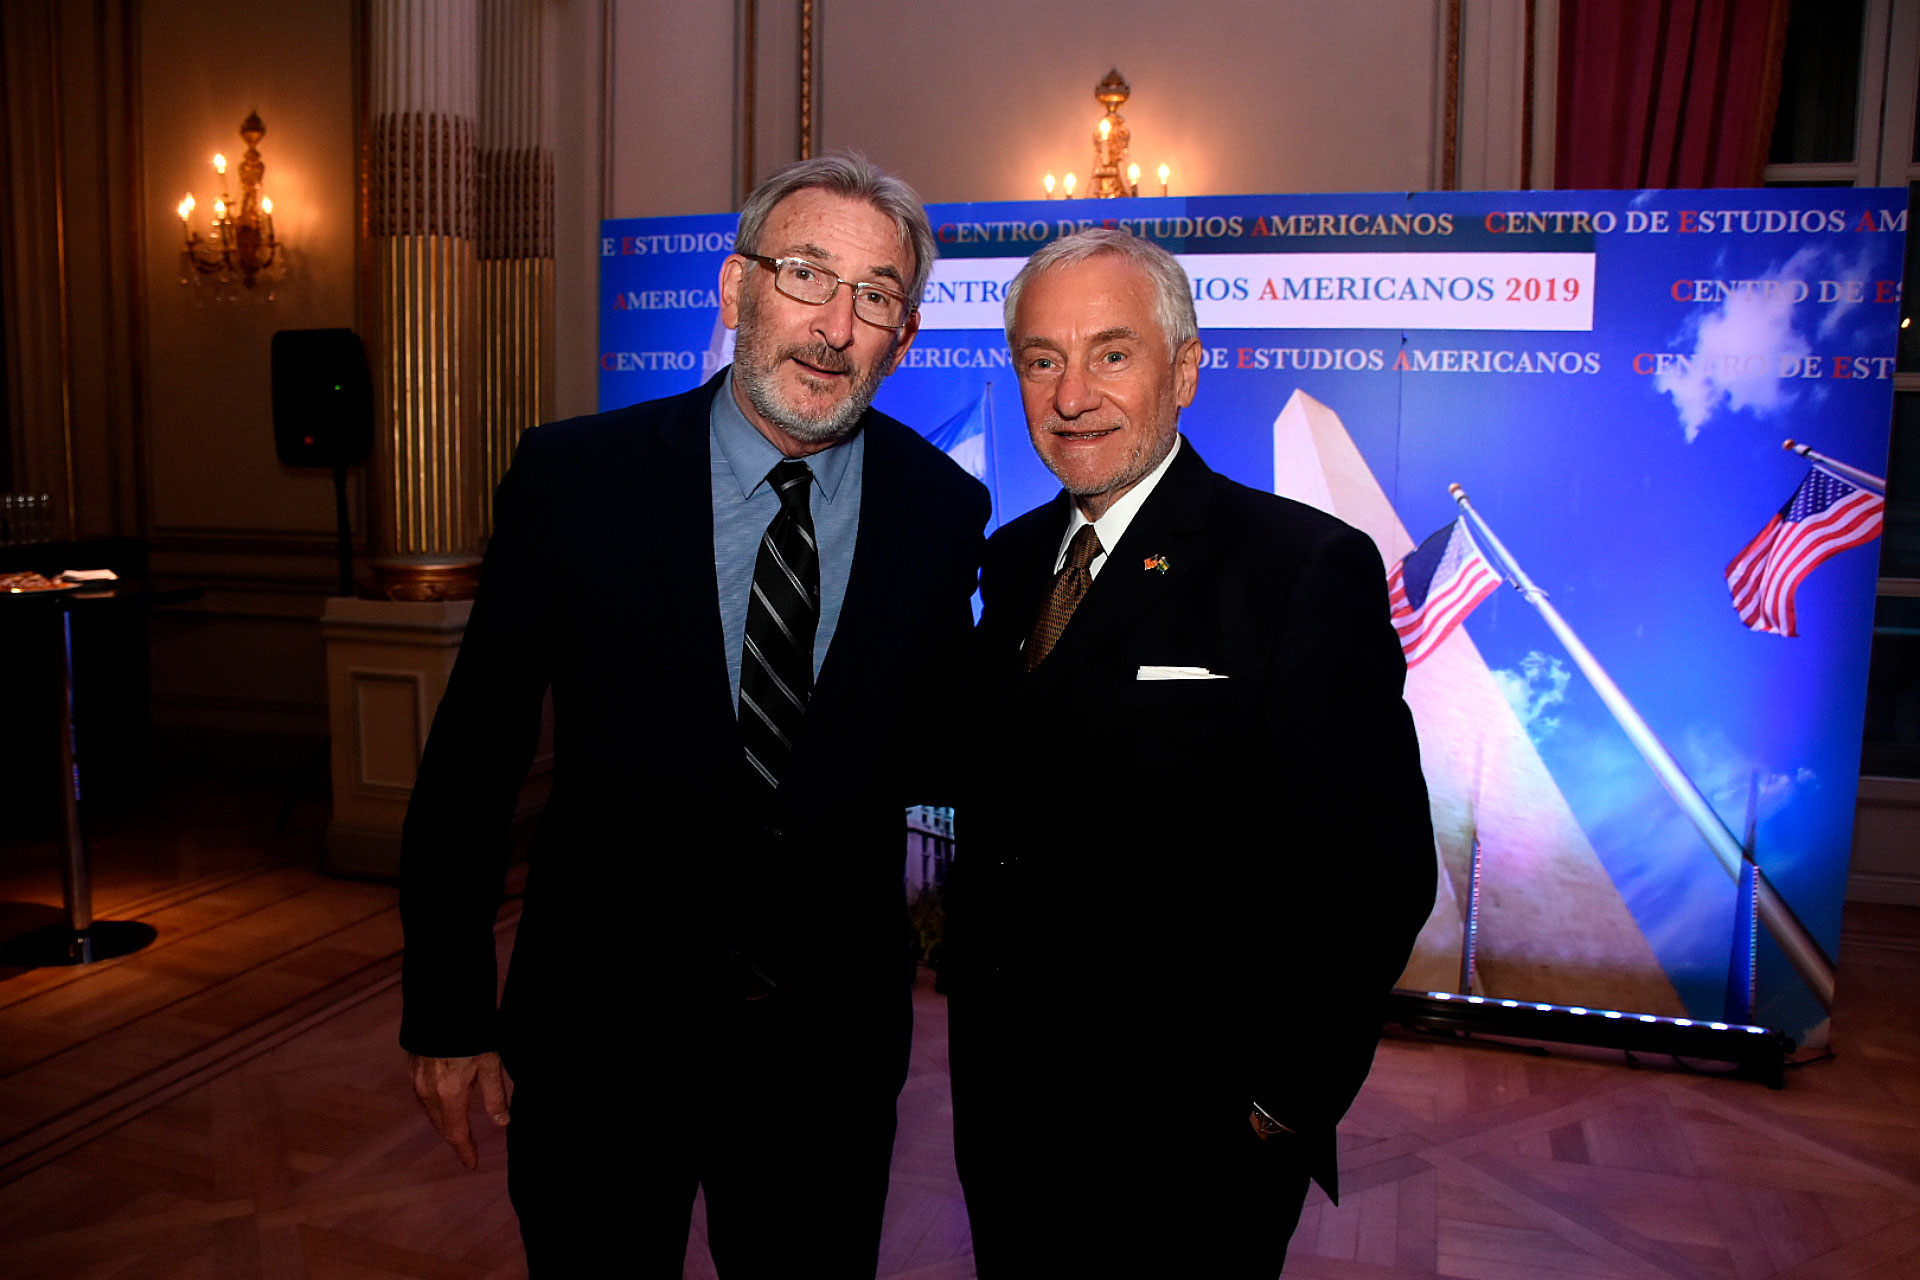 Guillermo Yanco del Museo del Holocausto con el presidente del CEA